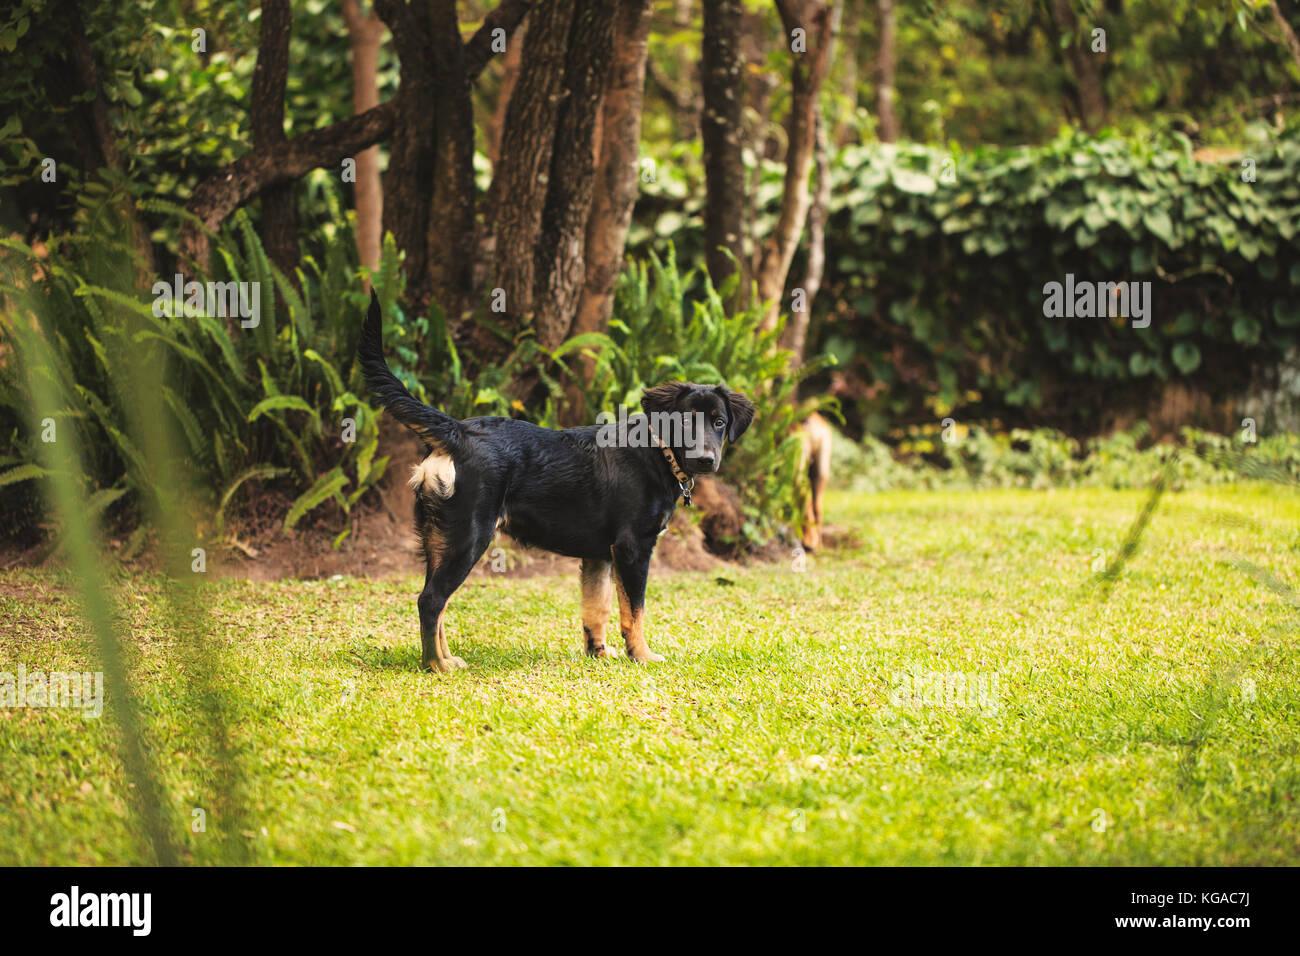 Un Pastor Alemán Cruce Labrador Retriever Cachorro Mirando A La Cámara En Un Patio Fotografía De Stock Alamy